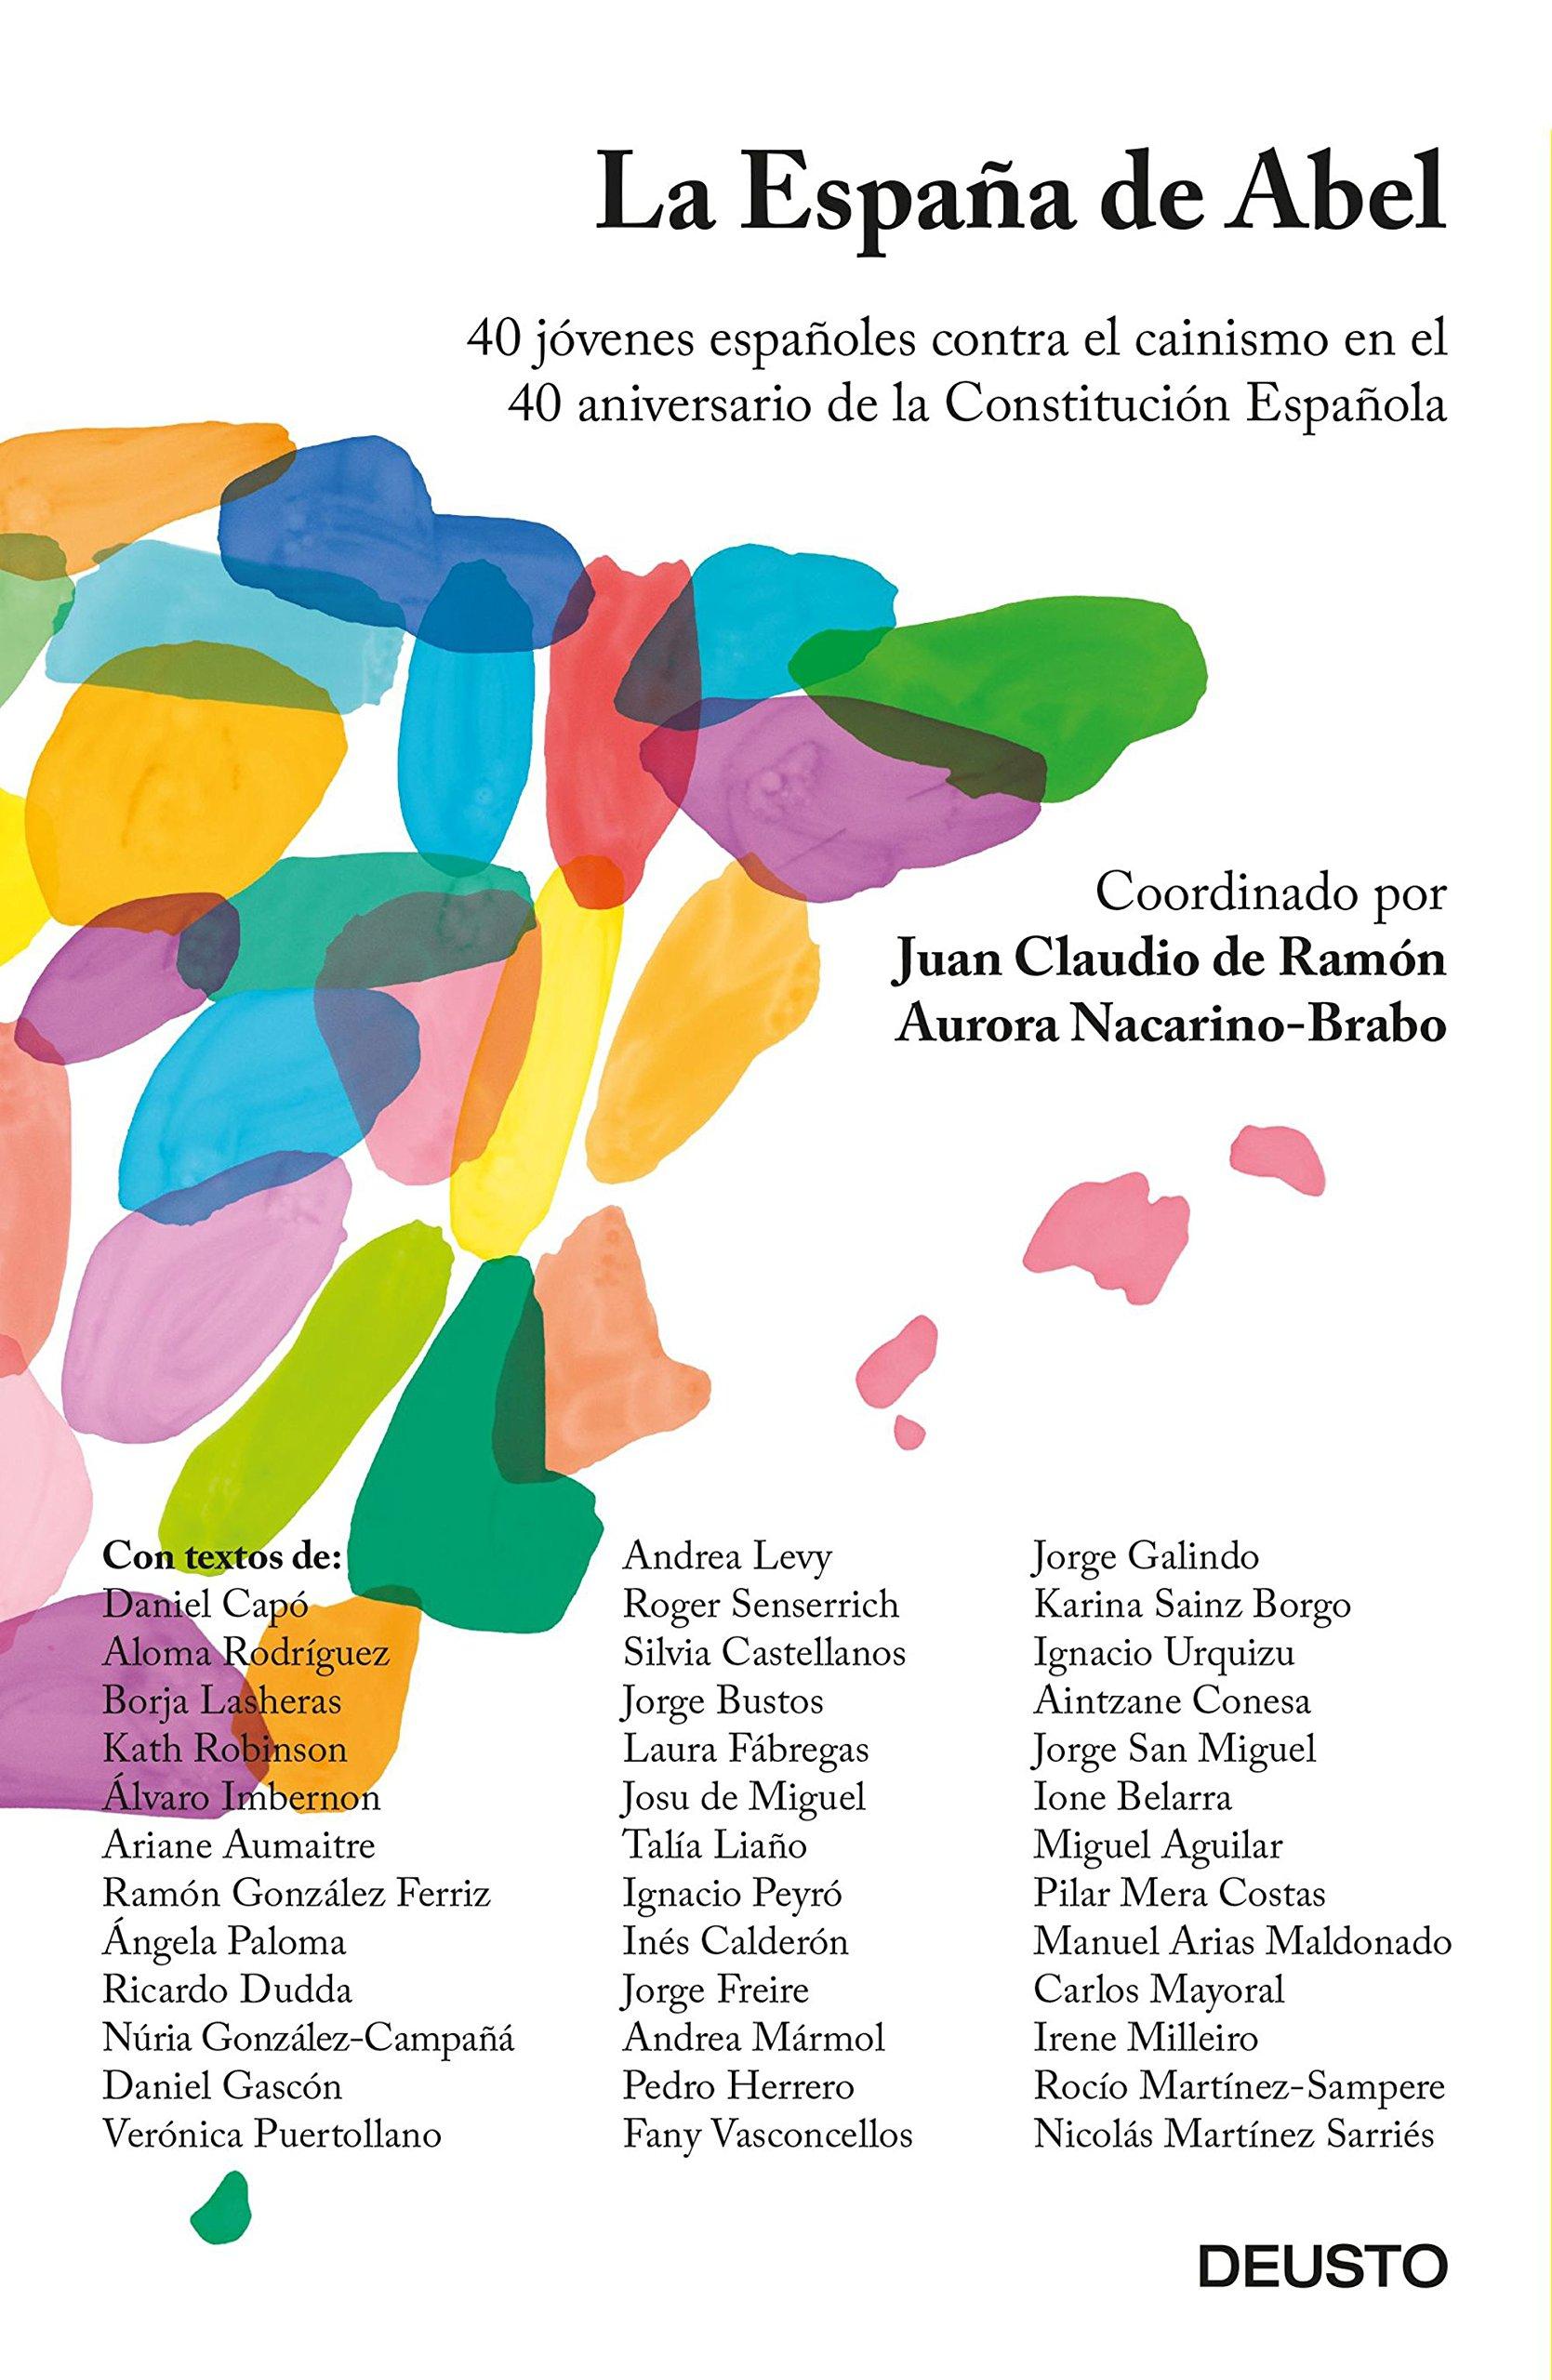 La España de Abel: 40 jóvenes españoles contra el cainismo en el 40 aniversario de la Constitución Española Sin colección: Amazon.es: Nacarino-Brabo, Aurora, Ramón Jacob-Ernst, Juan Claudio de, AA. VV.: Libros